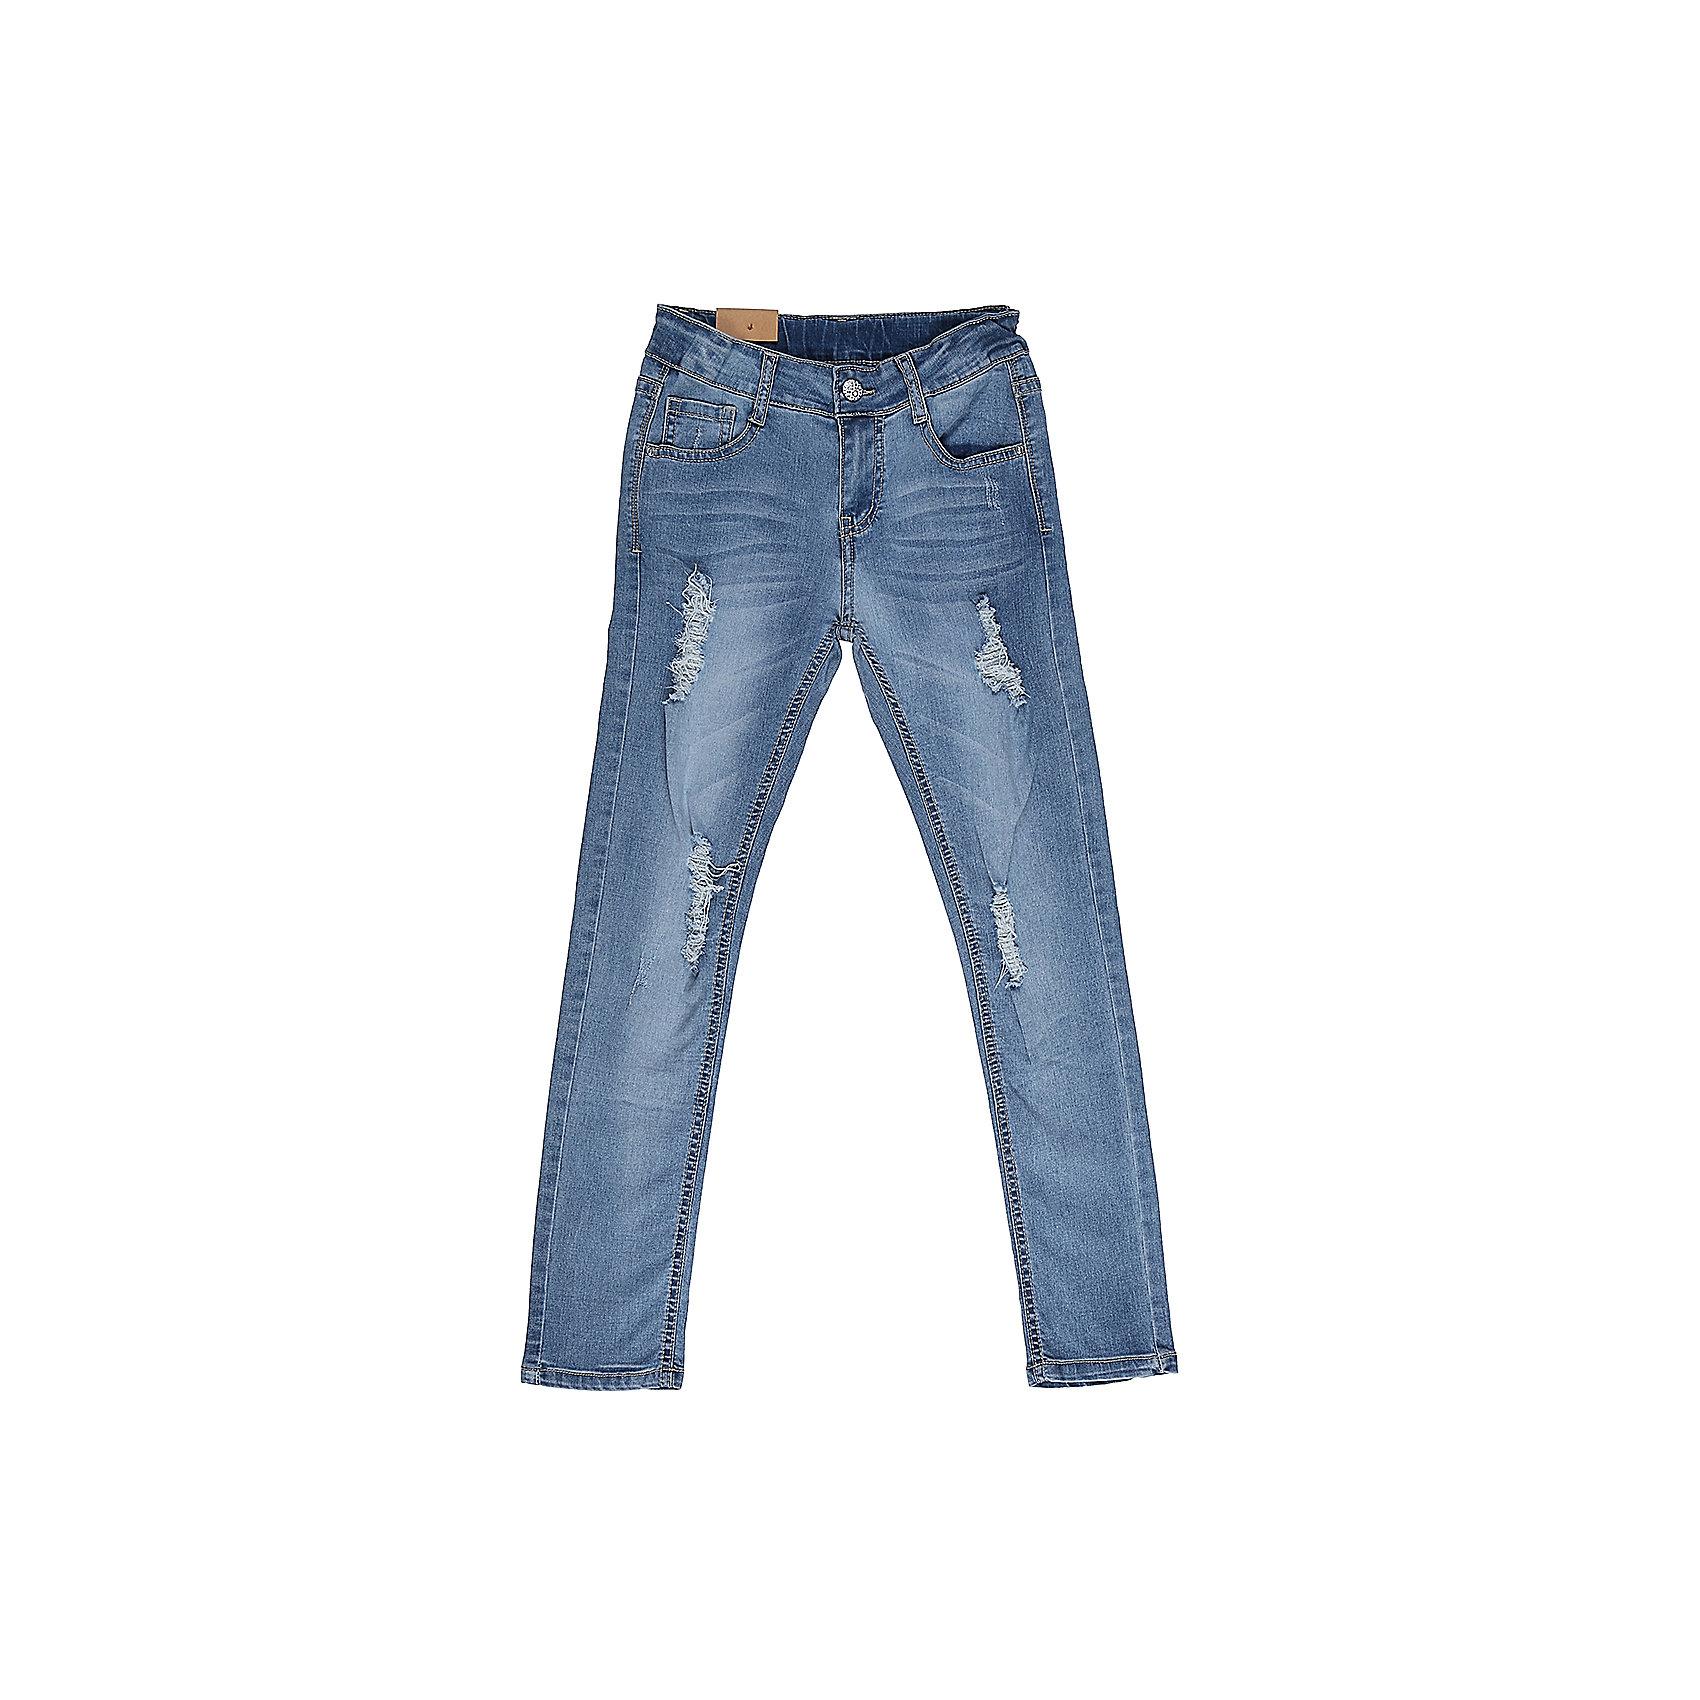 Джинсы для девочки LuminosoДжинсовая одежда<br>Джинсы  для девочки с оригинальной варкой, эффектами потертости и рваной джинсы. Имеют зауженный крой, среднюю посадку. Застегиваются на молнию и пуговицу. Шлевки на поясе рассчитаны под ремень. В боковой части пояса находятся вшитые эластичные ленты, регулирующие посадку по талии.<br>Состав:<br>98%хлопок 2%эластан<br><br>Ширина мм: 215<br>Глубина мм: 88<br>Высота мм: 191<br>Вес г: 336<br>Цвет: голубой<br>Возраст от месяцев: 96<br>Возраст до месяцев: 108<br>Пол: Женский<br>Возраст: Детский<br>Размер: 134,140,146,152,158,164<br>SKU: 5413014